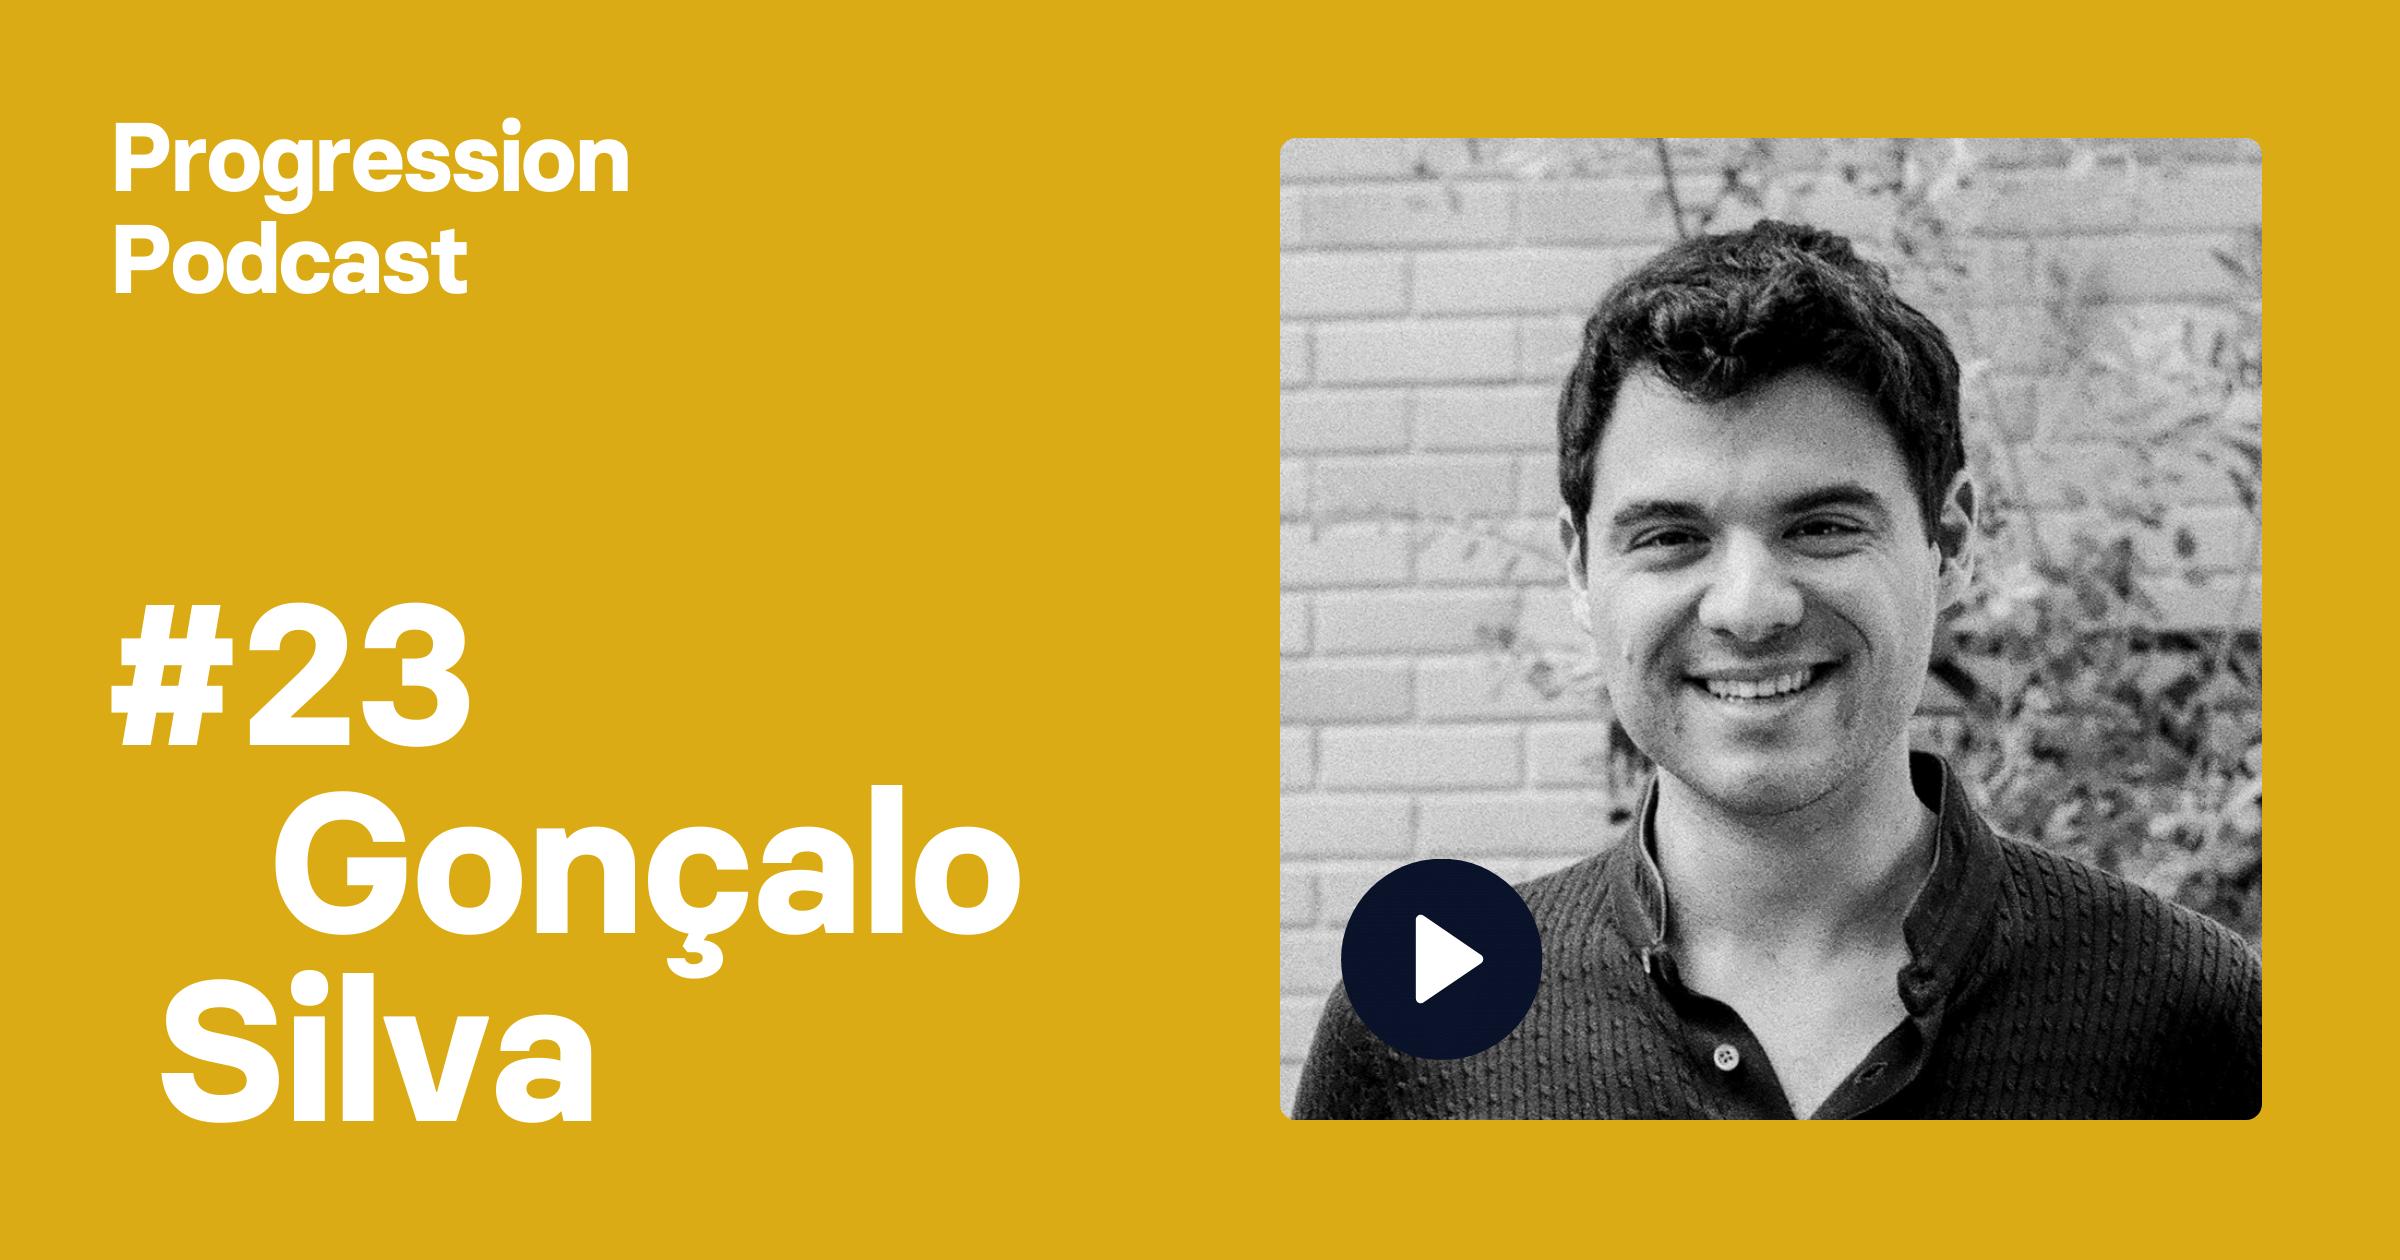 Podcast #23: Gonçalo Silva (CTO, Doist) on building progression frameworks for a distributed team